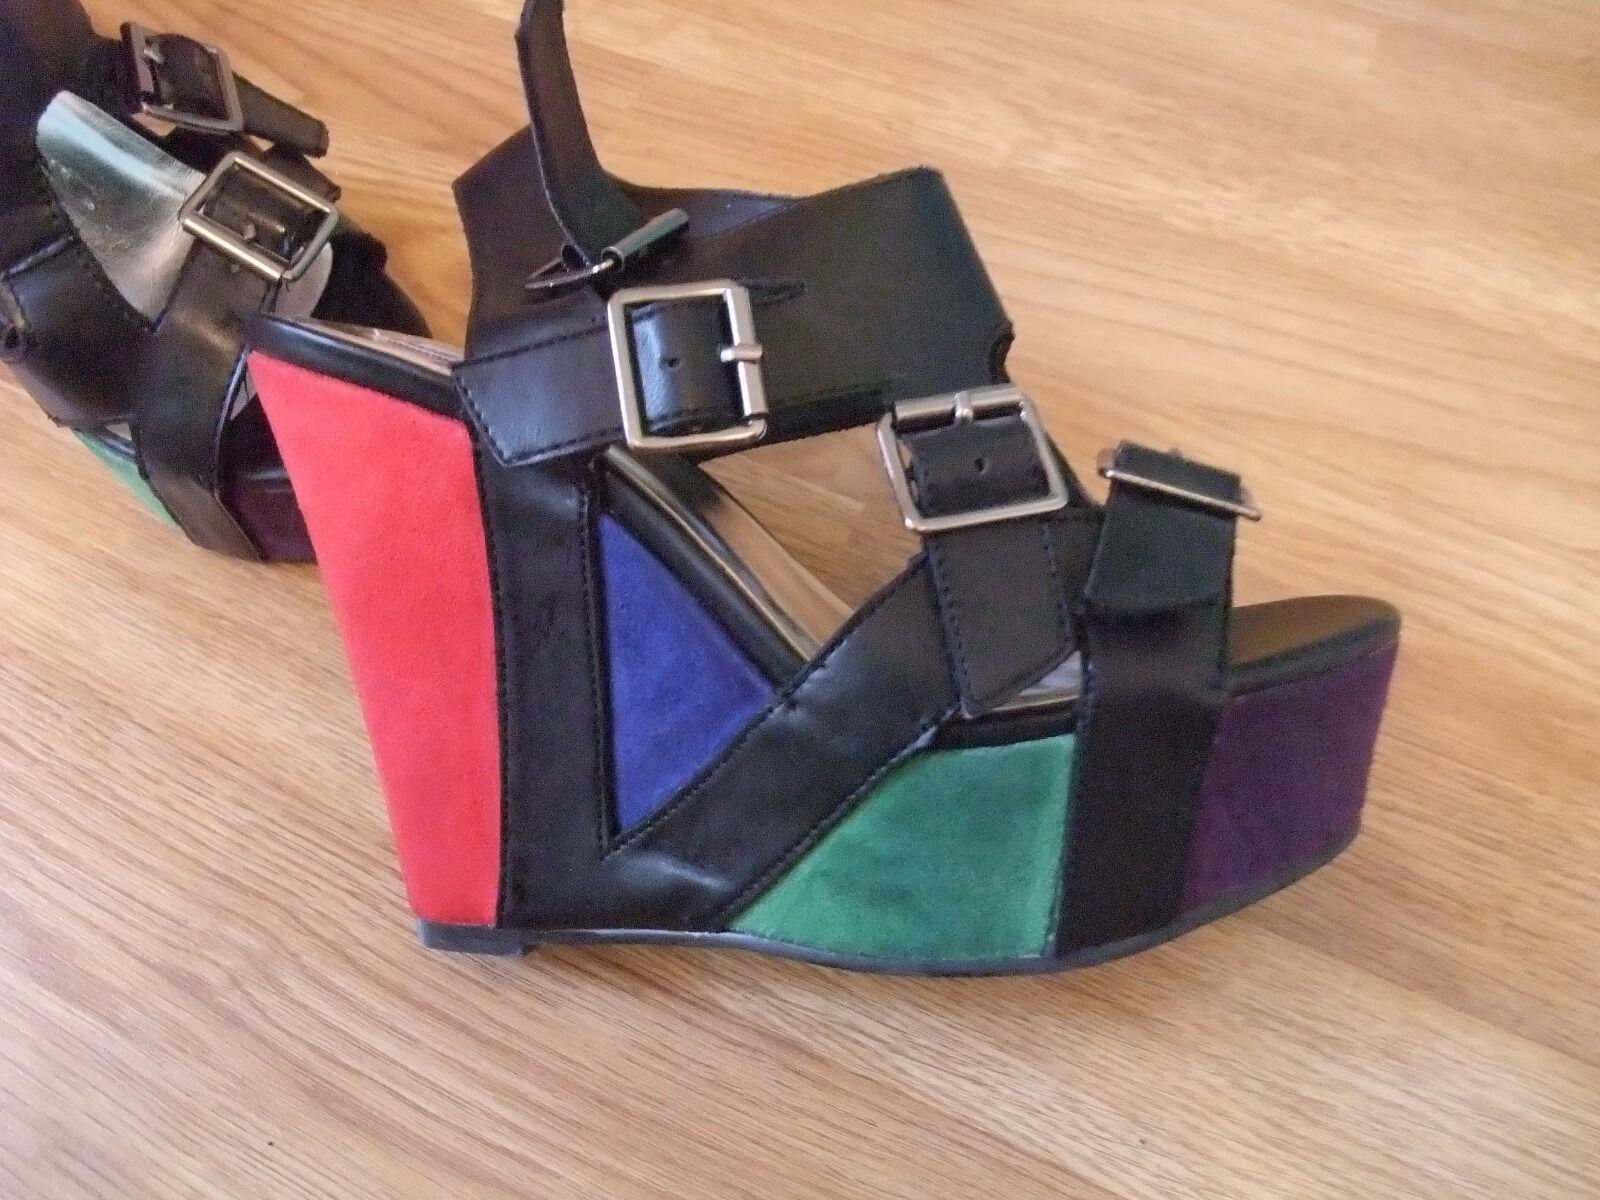 Moda jest prosta i niedroga Womens fashion shoe size 4